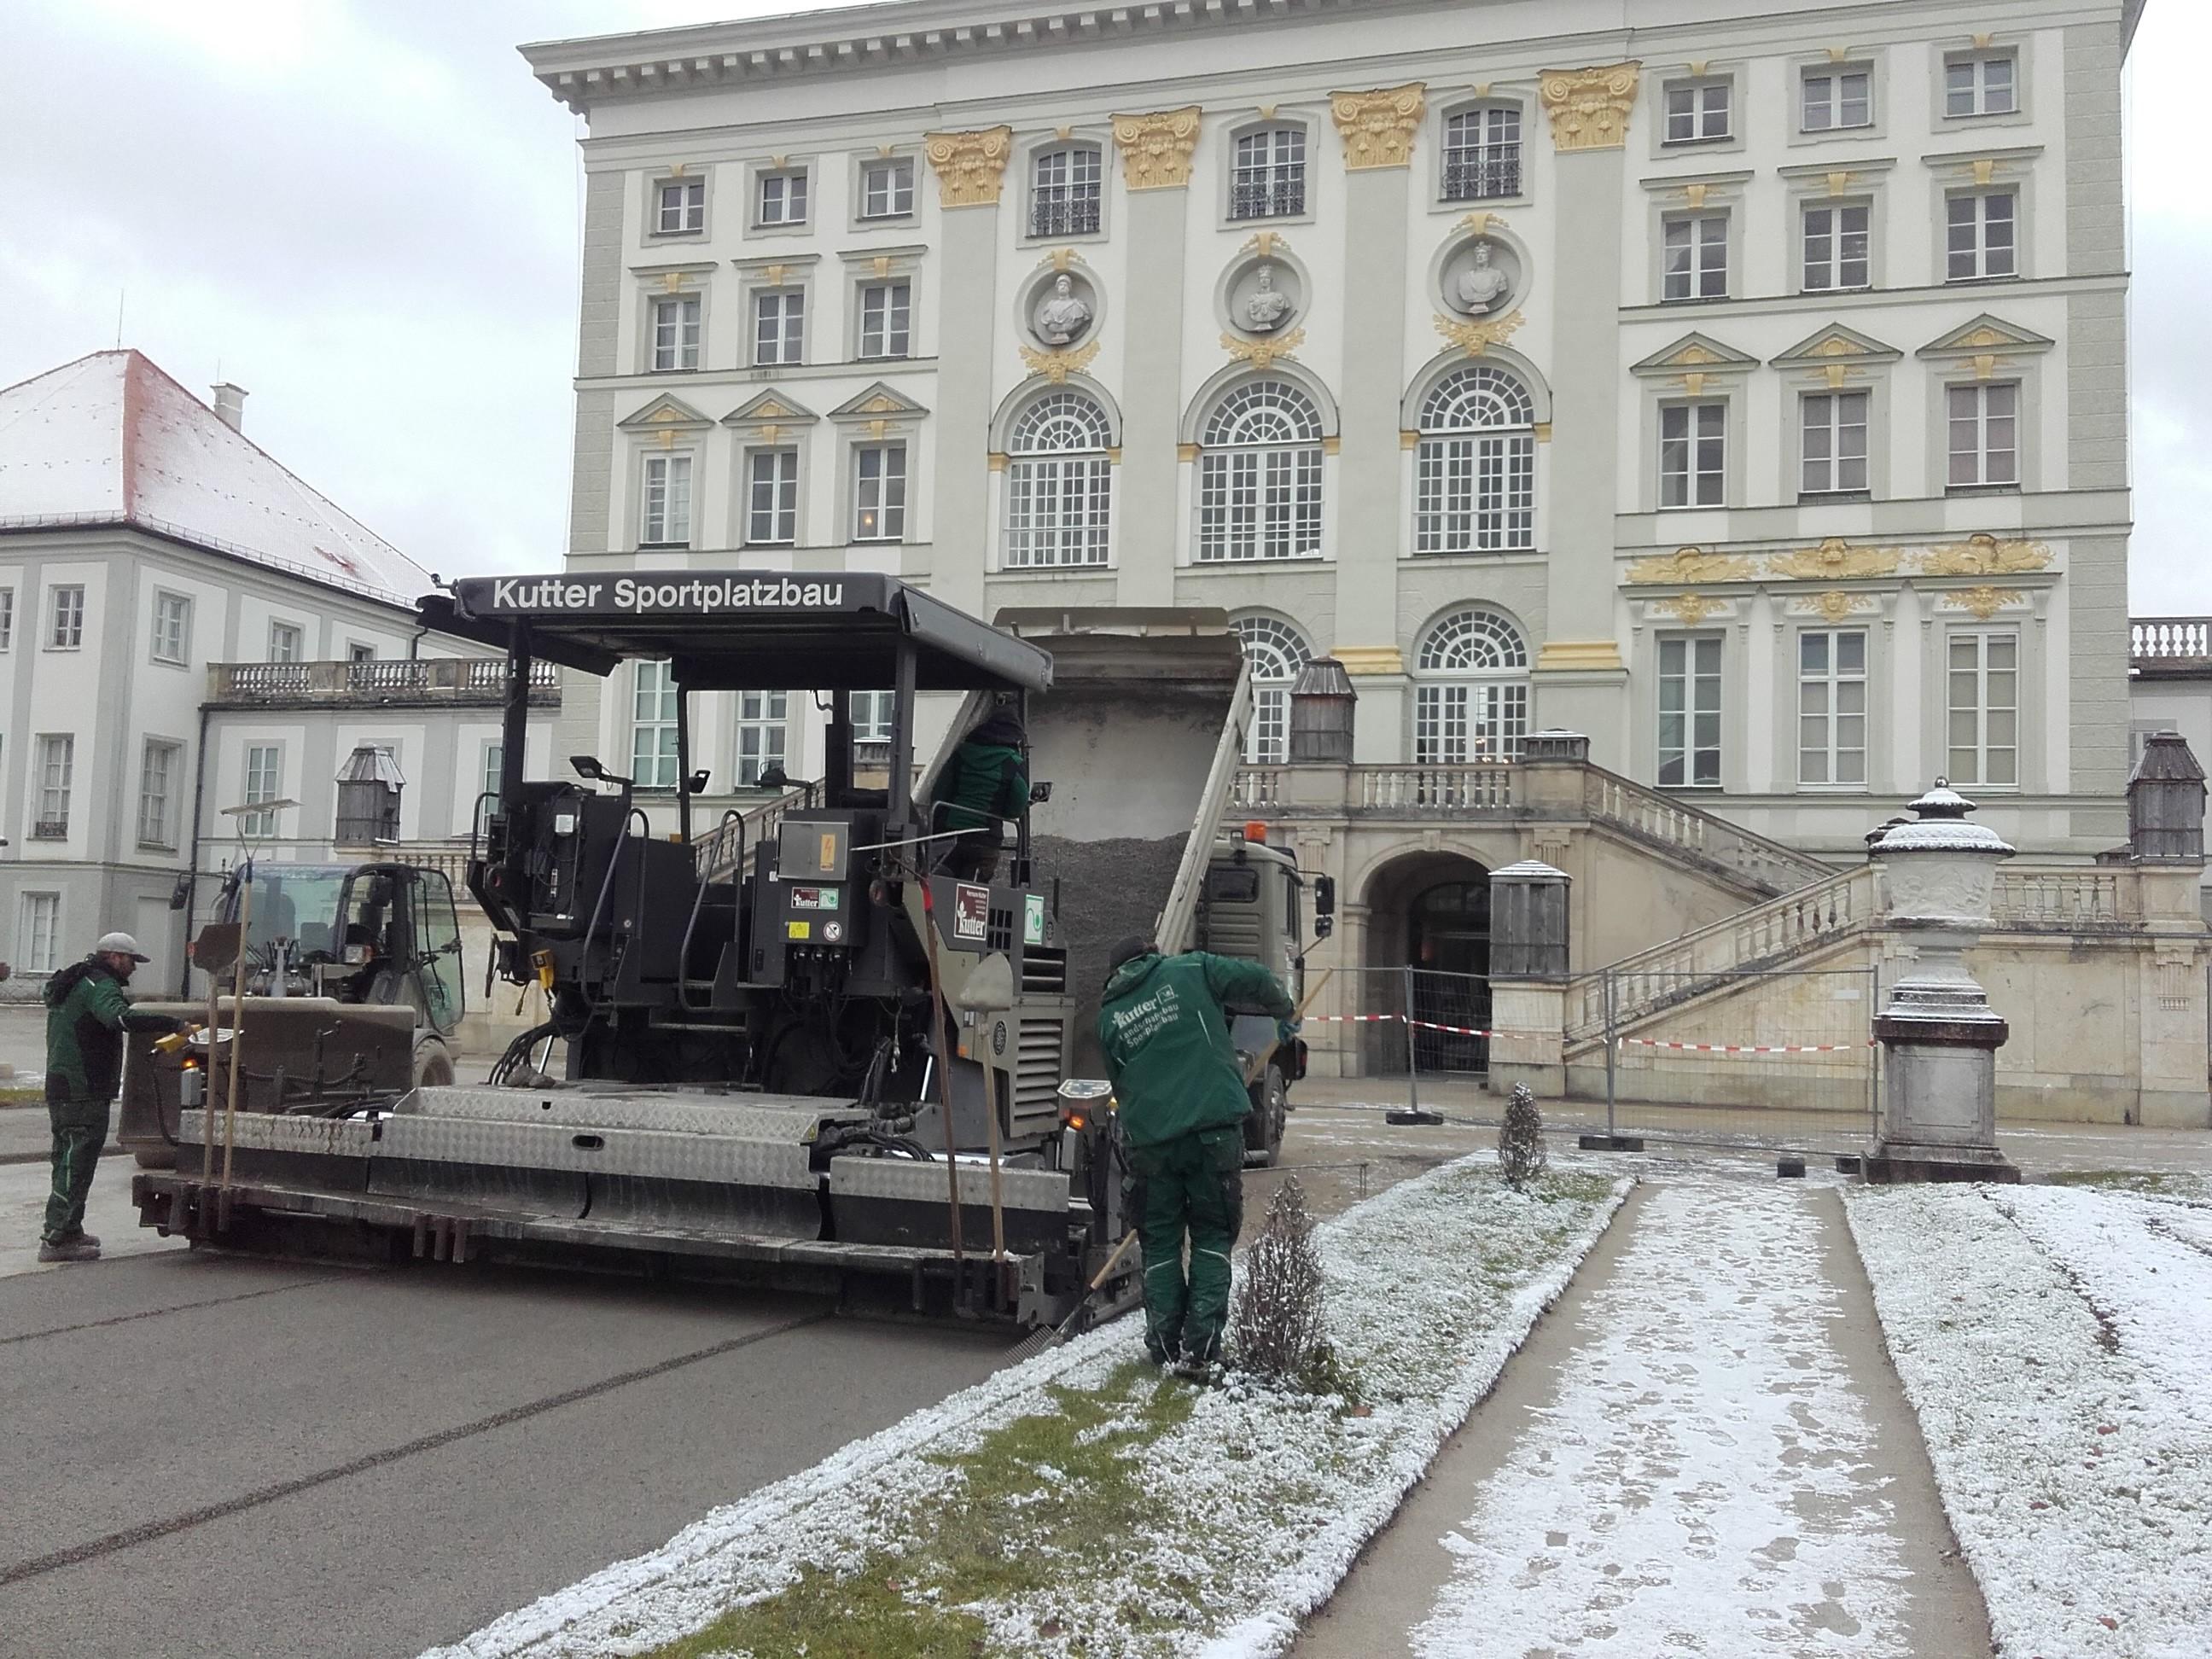 Kutter beendet Arbeit im Nymphenburger Schlosspark